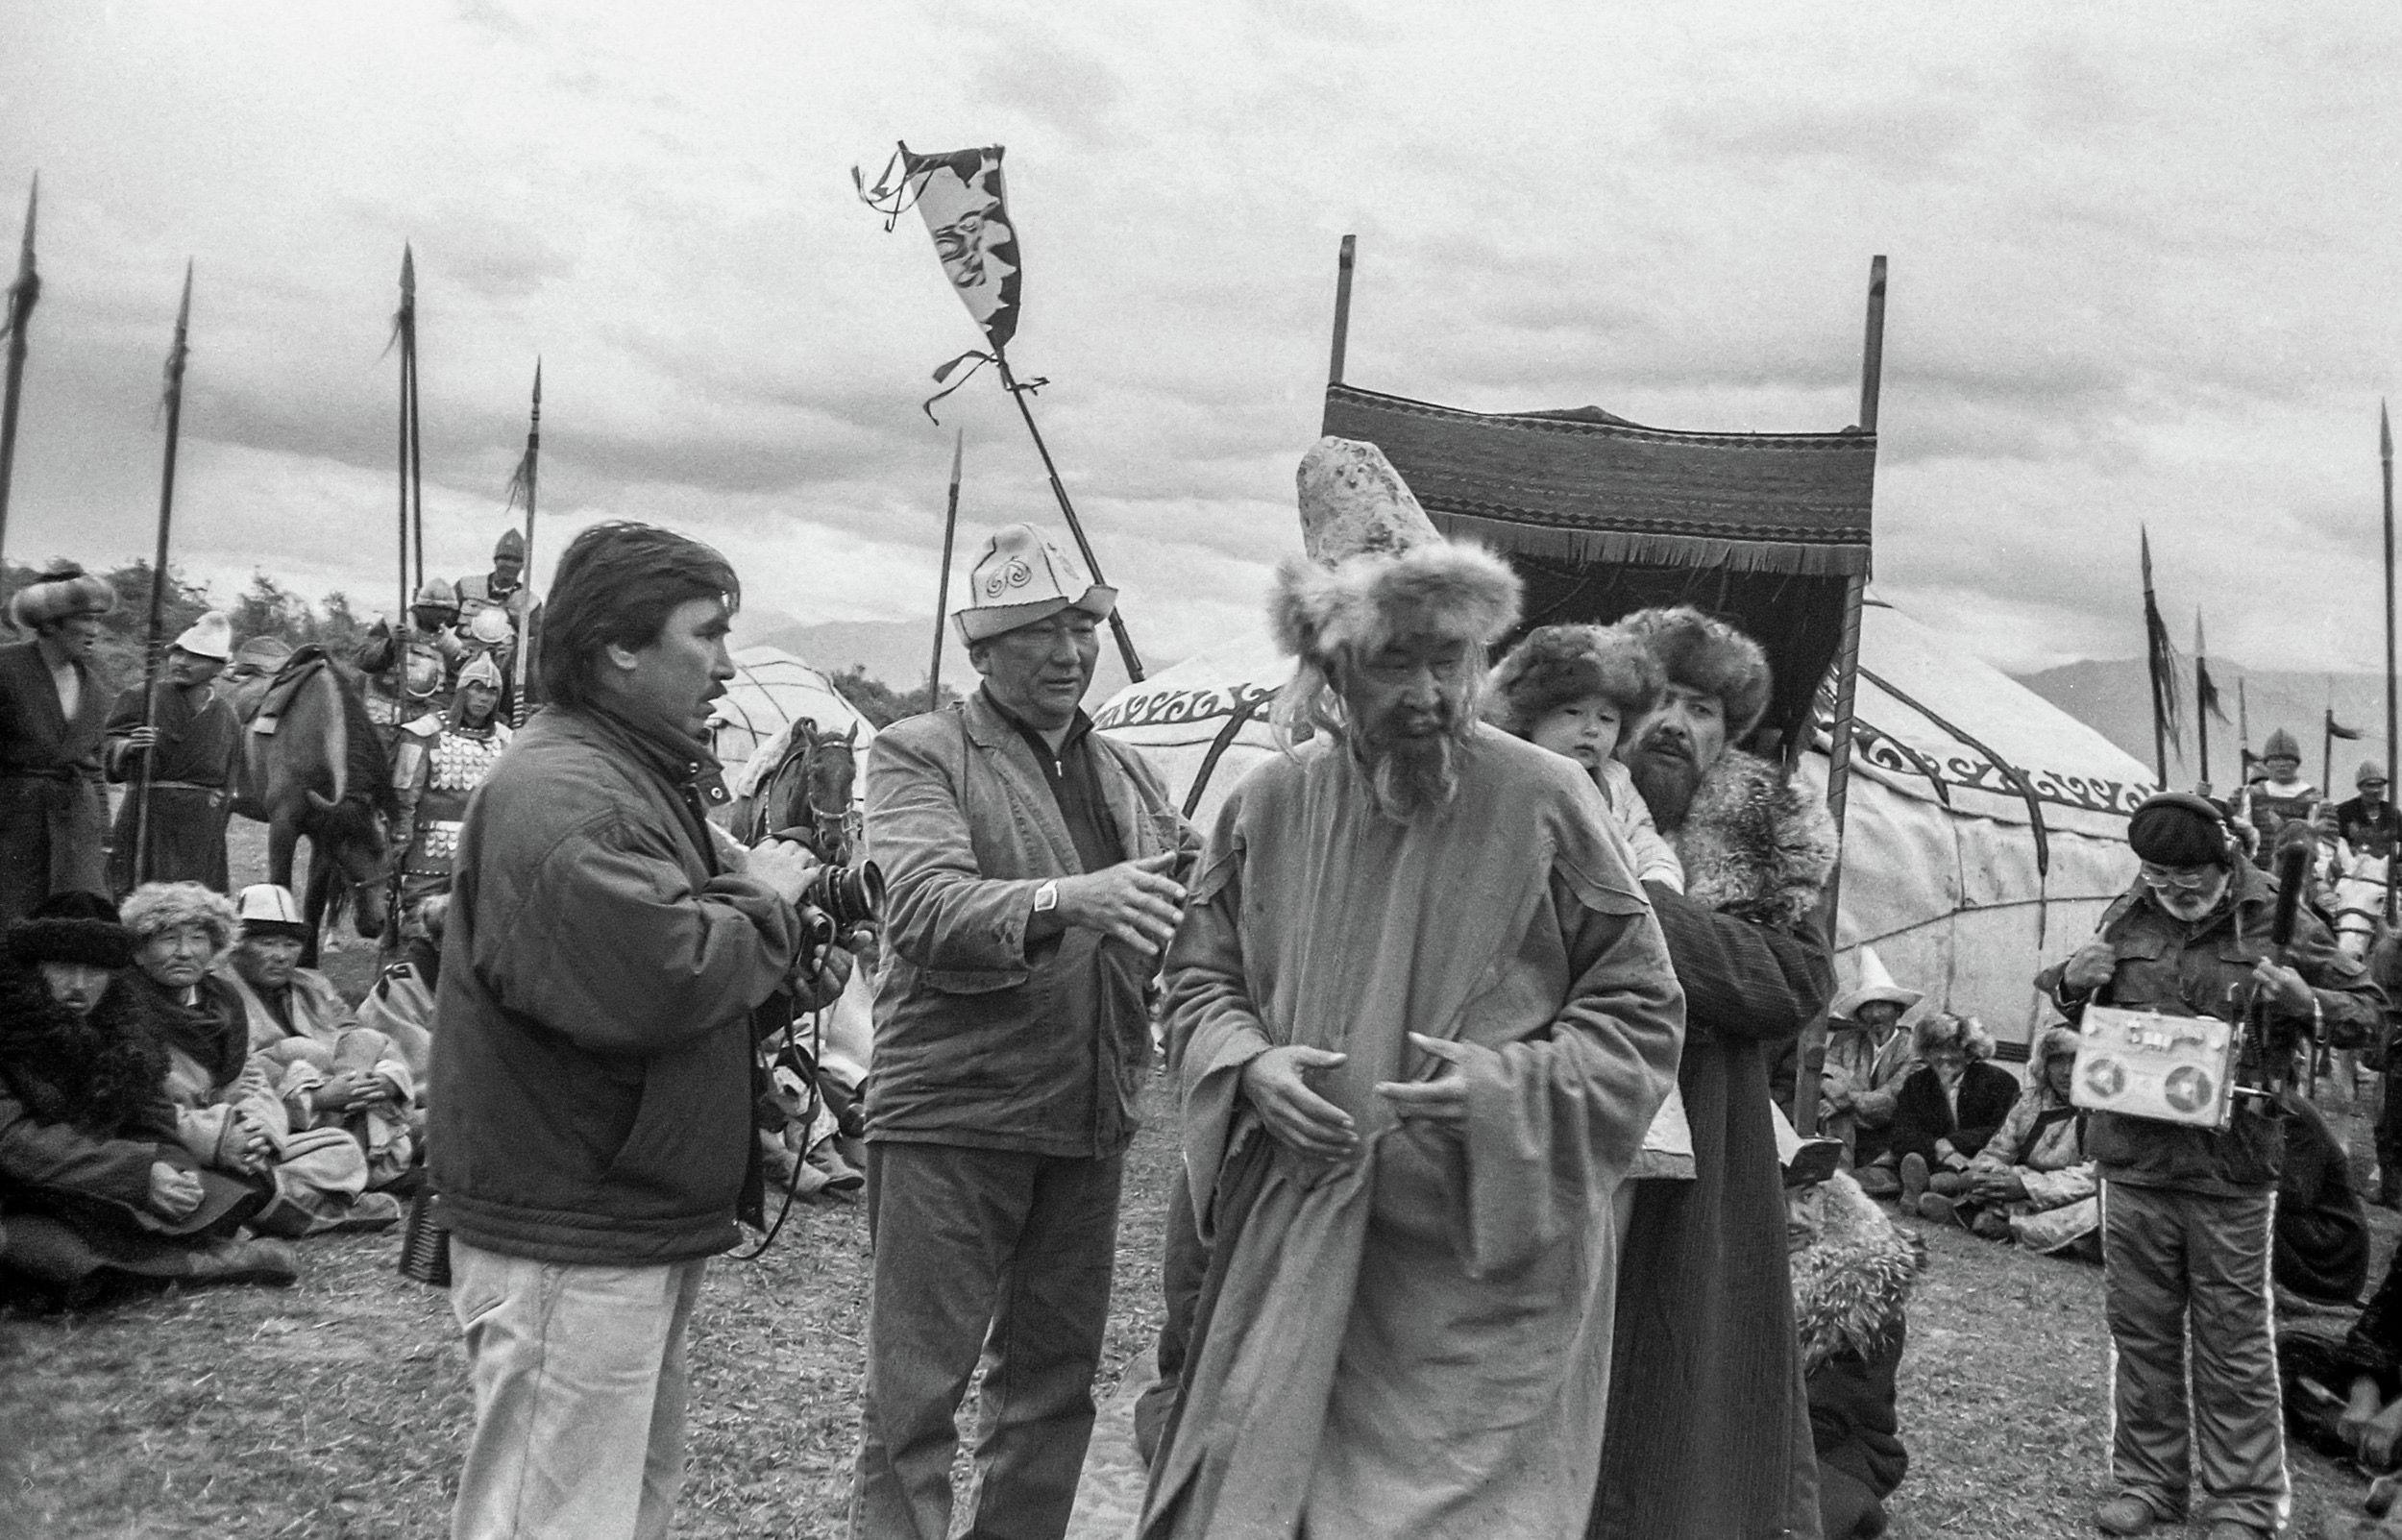 Кыргыз Республикасынын эл артисттери, режиссёрлор Тынай Ибрагимов, Мелис Убукеев жана залкар актёр Болот Бейшеналиевдин сүрөтү 1995-жылы Ысык-Көл облусундагы Жыргалаң дарыясынын боюнда тартылган.